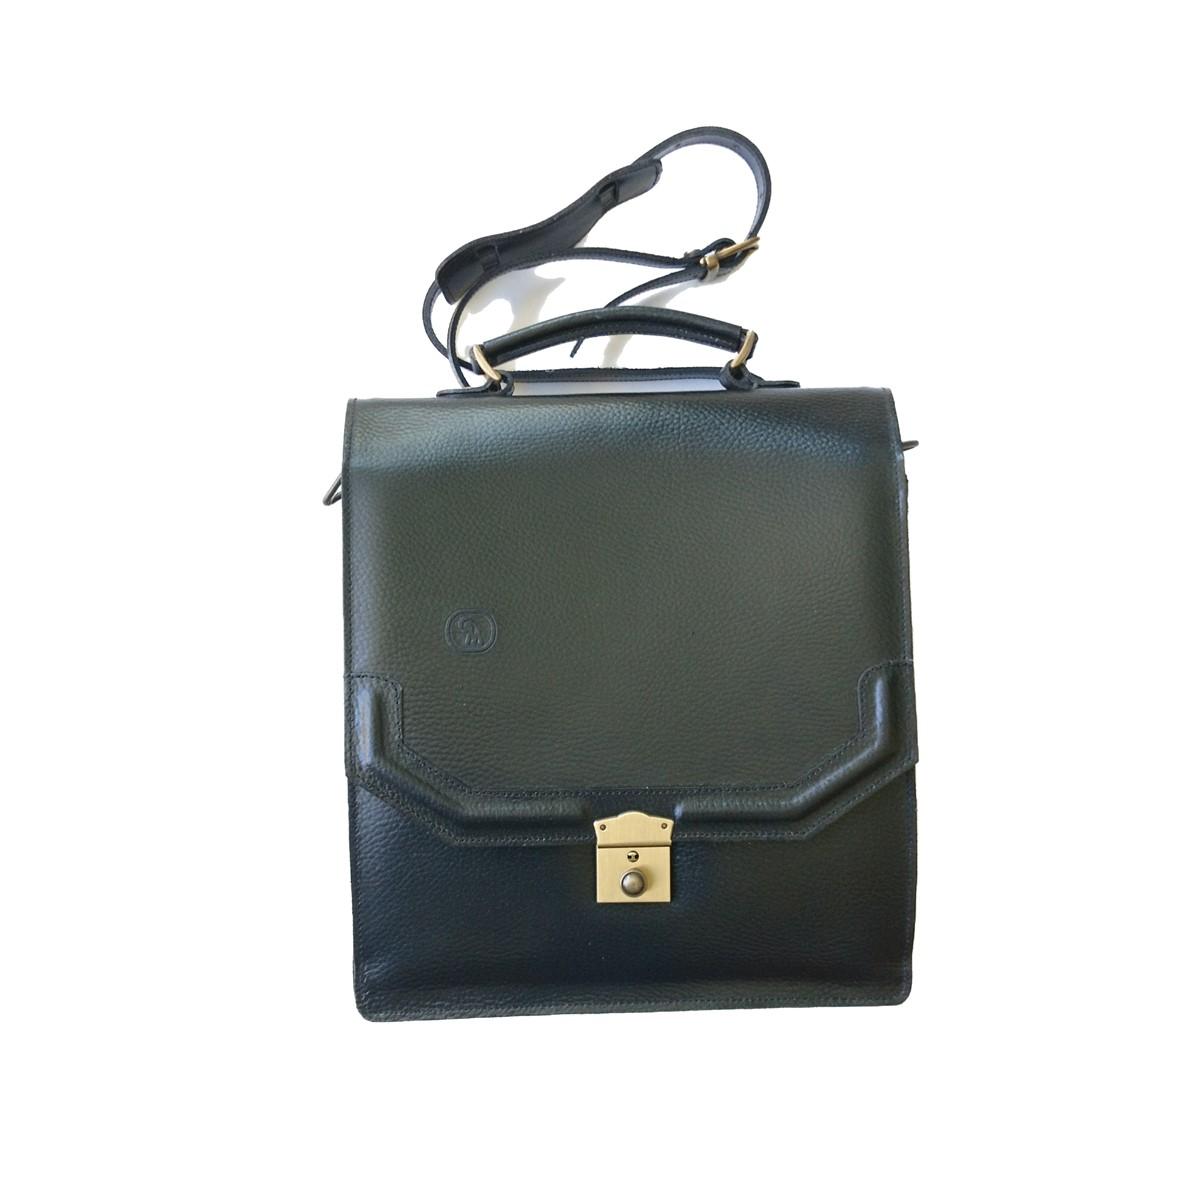 Ανδρική Τσάντα Ώμου Μαύρο Δέρμα GREGORY 7373